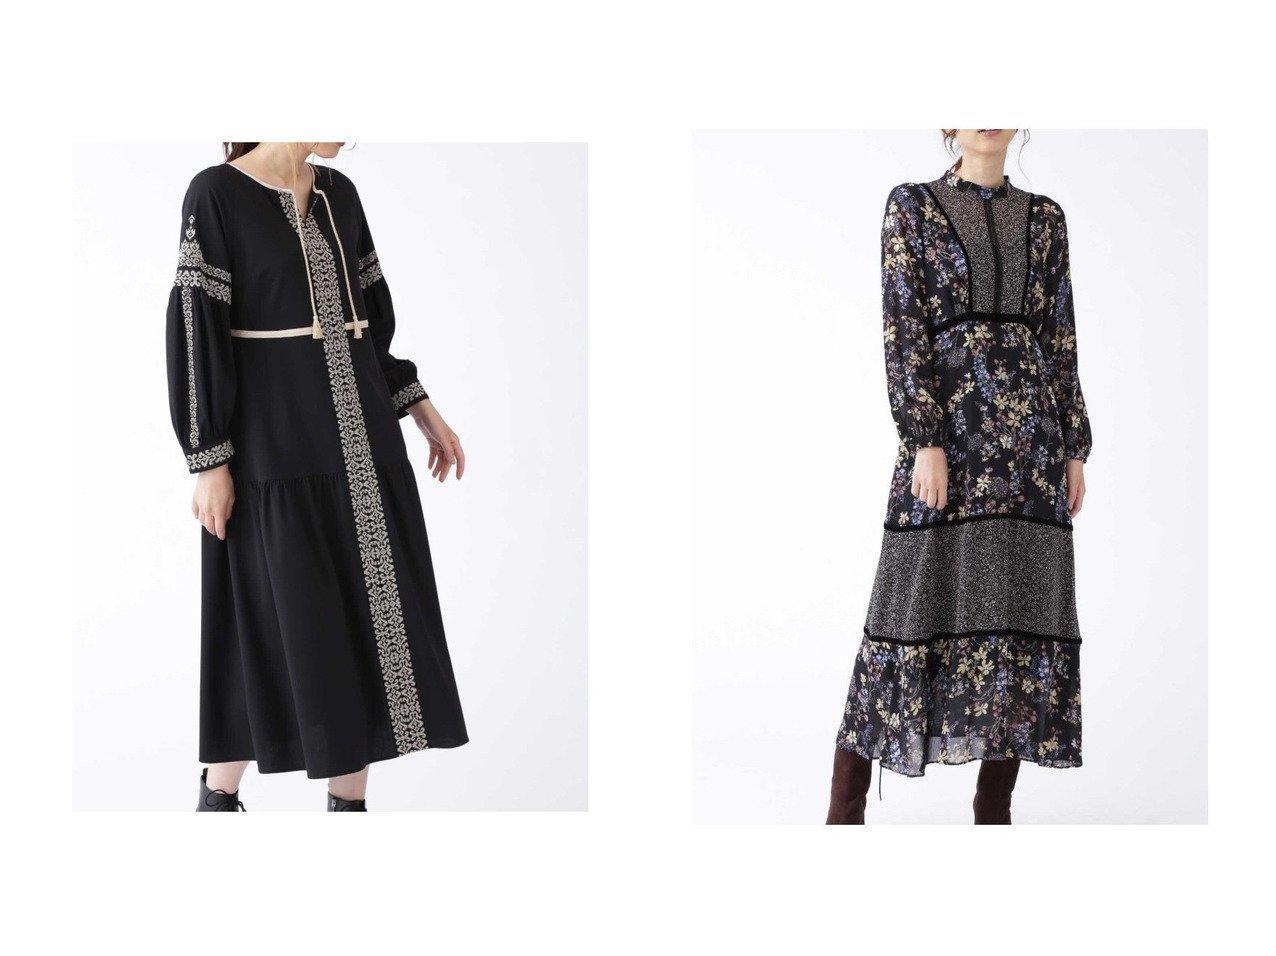 【JILLSTUART/ジルスチュアート】のアギーワンピース&ミックスフラワープリントワンピース ワンピース・ドレスのおすすめ!人気、レディースファッションの通販 おすすめで人気のファッション通販商品 インテリア・家具・キッズファッション・メンズファッション・レディースファッション・服の通販 founy(ファニー) https://founy.com/ ファッション Fashion レディース WOMEN ワンピース Dress インナー ギャザー タッセル タートル バランス フェミニン フロント シフォン ジョーゼット プリント ベルベット ボタニカル  ID:crp329100000002966